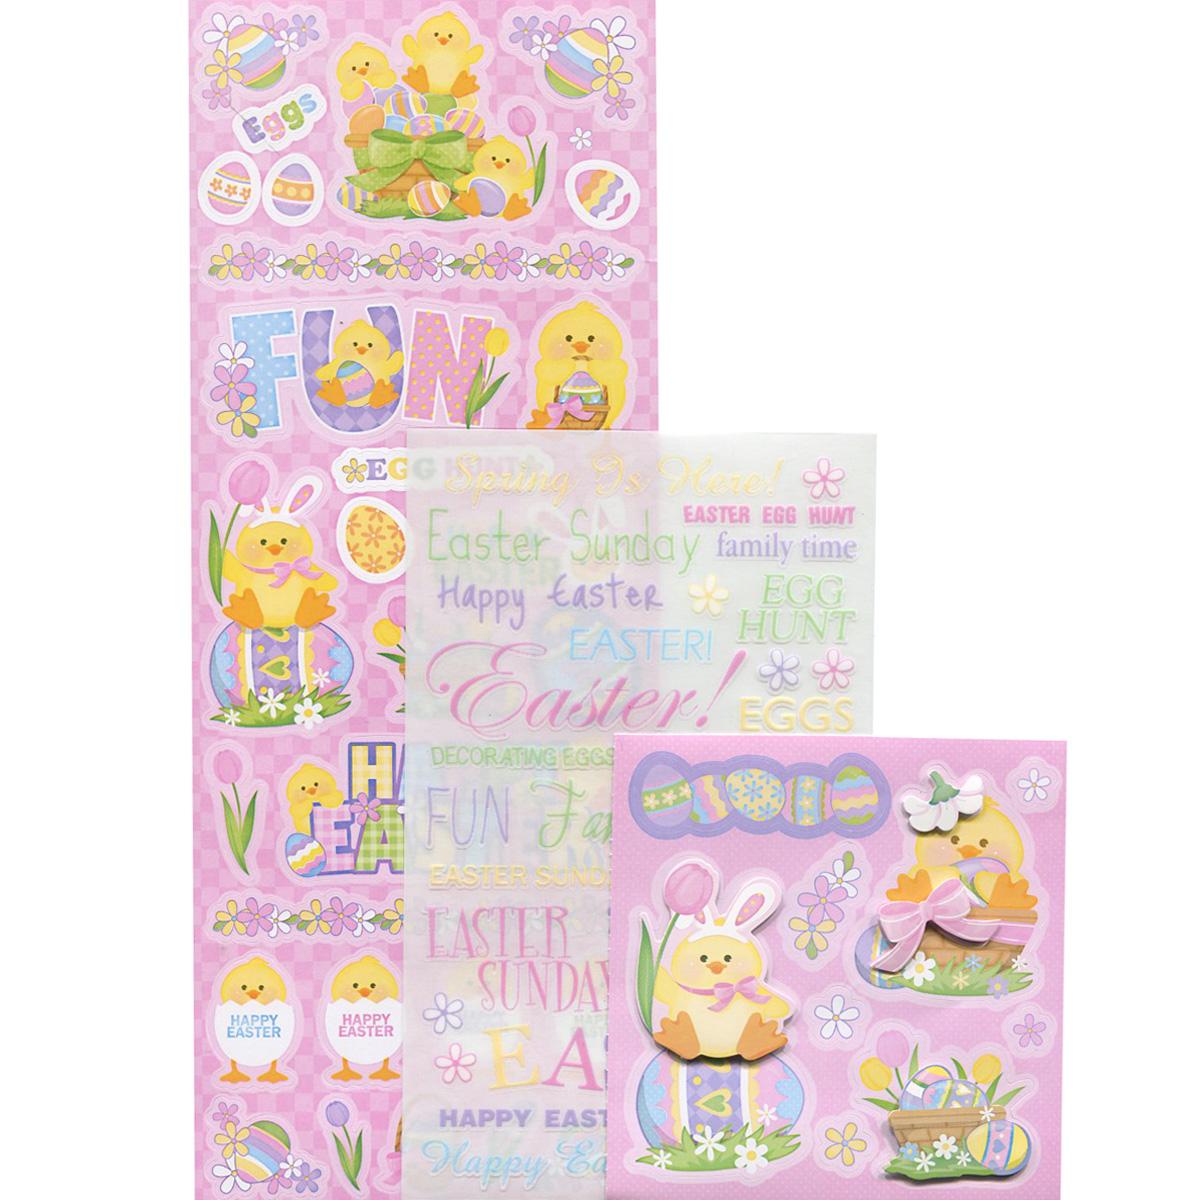 Набор декоративных наклеек Home Queen Цыплята, 69 шт60880_6Набор наклеек Home Queen Цыплята прекрасно подойдет для оформления творческих работ. Их можно использовать для украшения пасхальных яиц, упаковок, подарков и конвертов, открыток, декорирования коллажей, фотографий, изделий ручной работы и предметов интерьера. Наклейки выполнены из бумаги. Задняя сторона клейкая. В наборе - 3 блока с обычными, переводными и объемными наклейками, выполненных в виде цыплят, надписей и т.д. Такой набор украшений создаст атмосферу праздника в вашем доме. Комплектация: 69 шт.Средний размер наклейки: 5 см х 4 см.